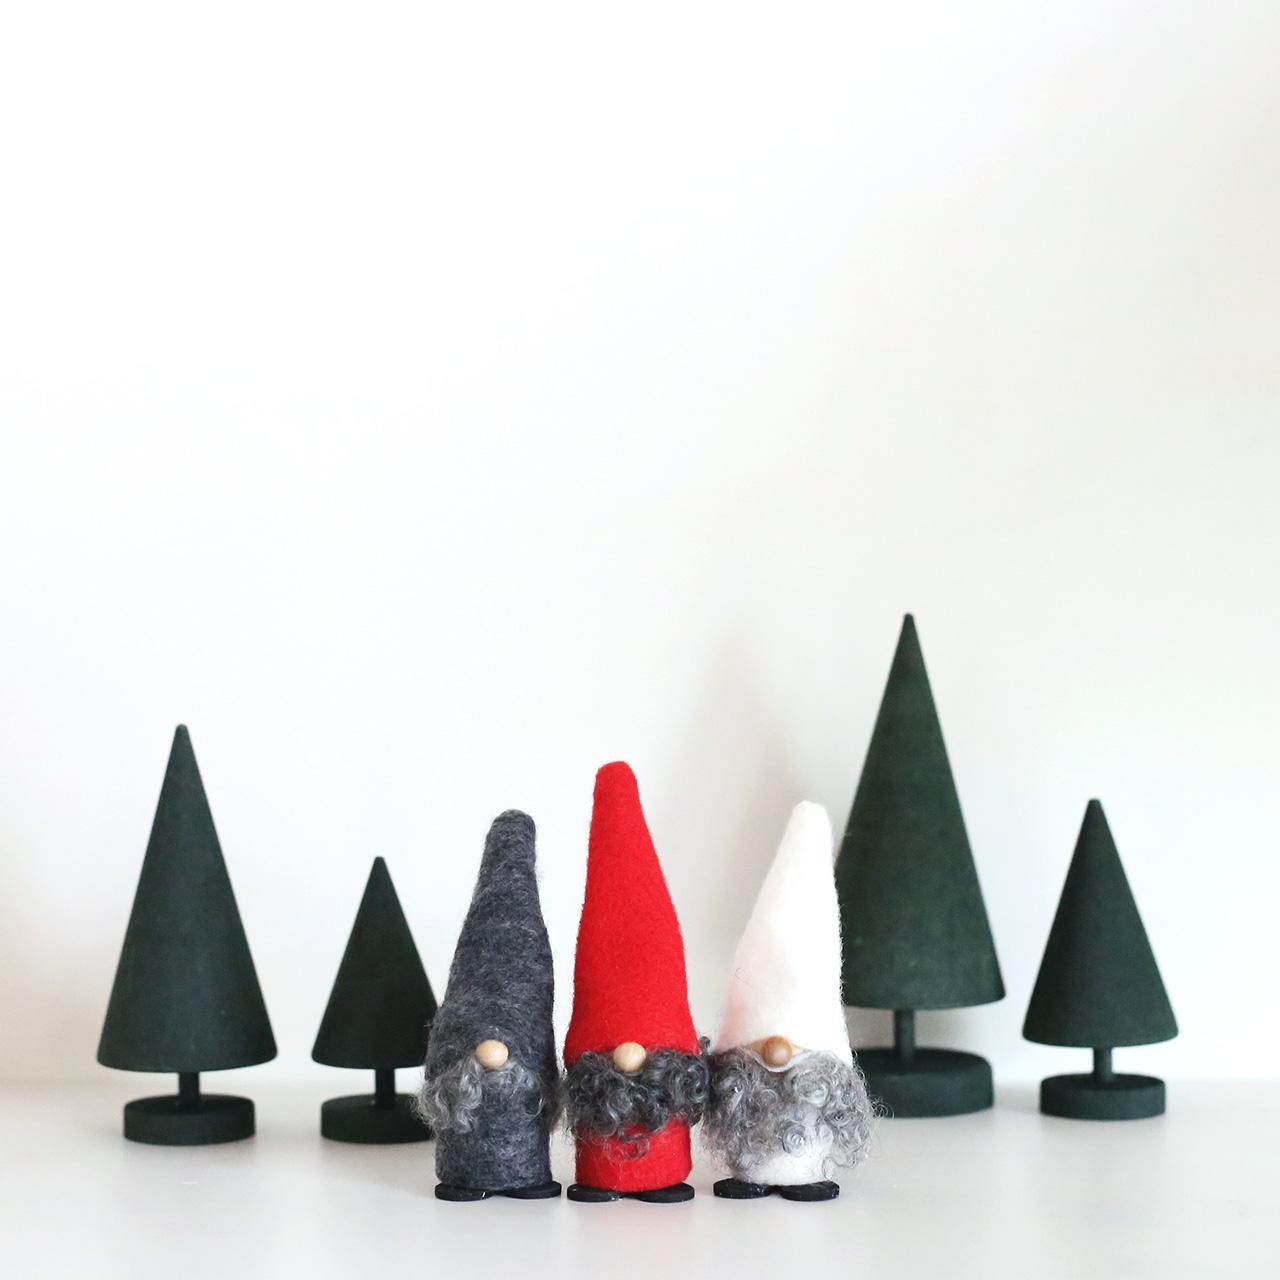 ラッセントレーのクリスマスオブジェ